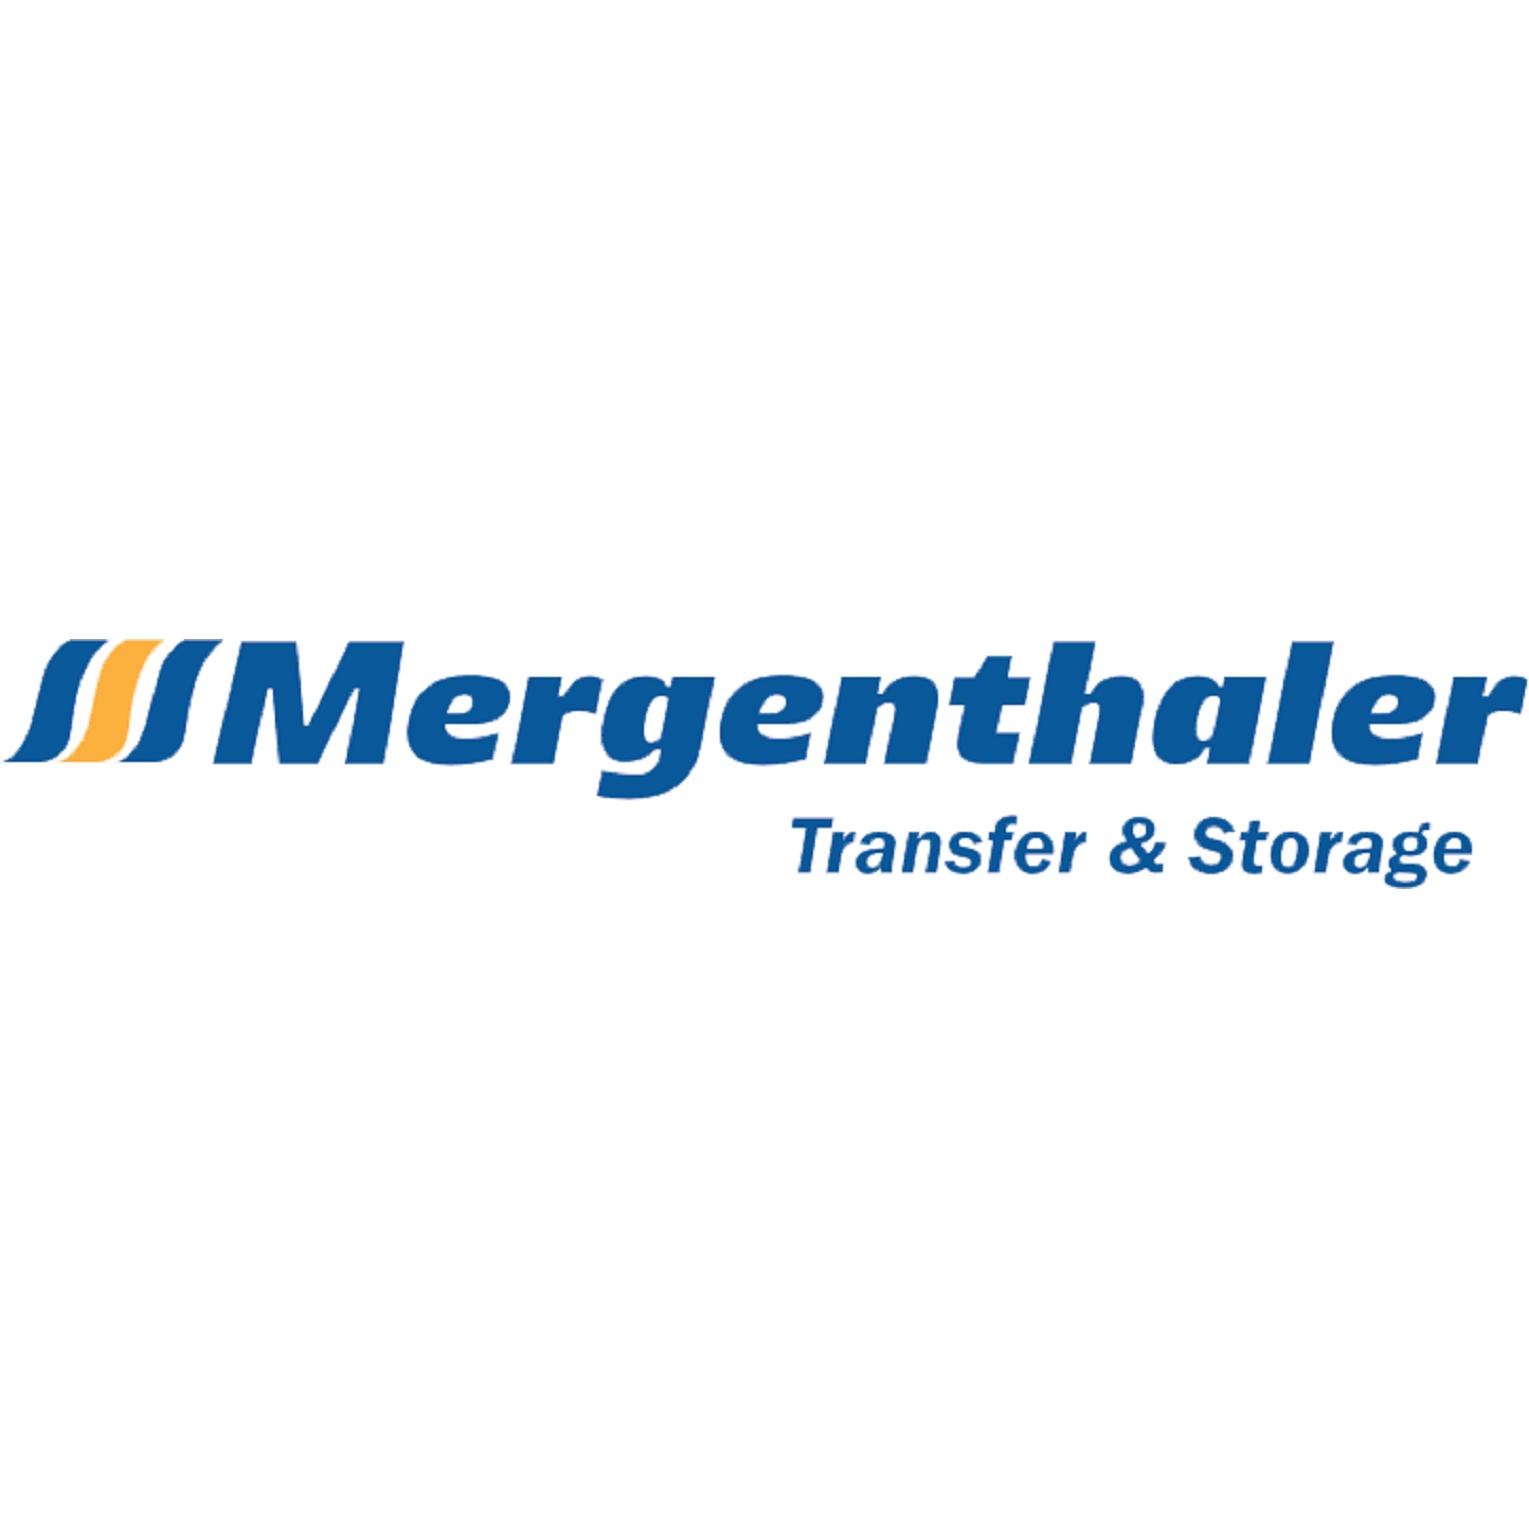 Mergenthaler Transfer & Storage